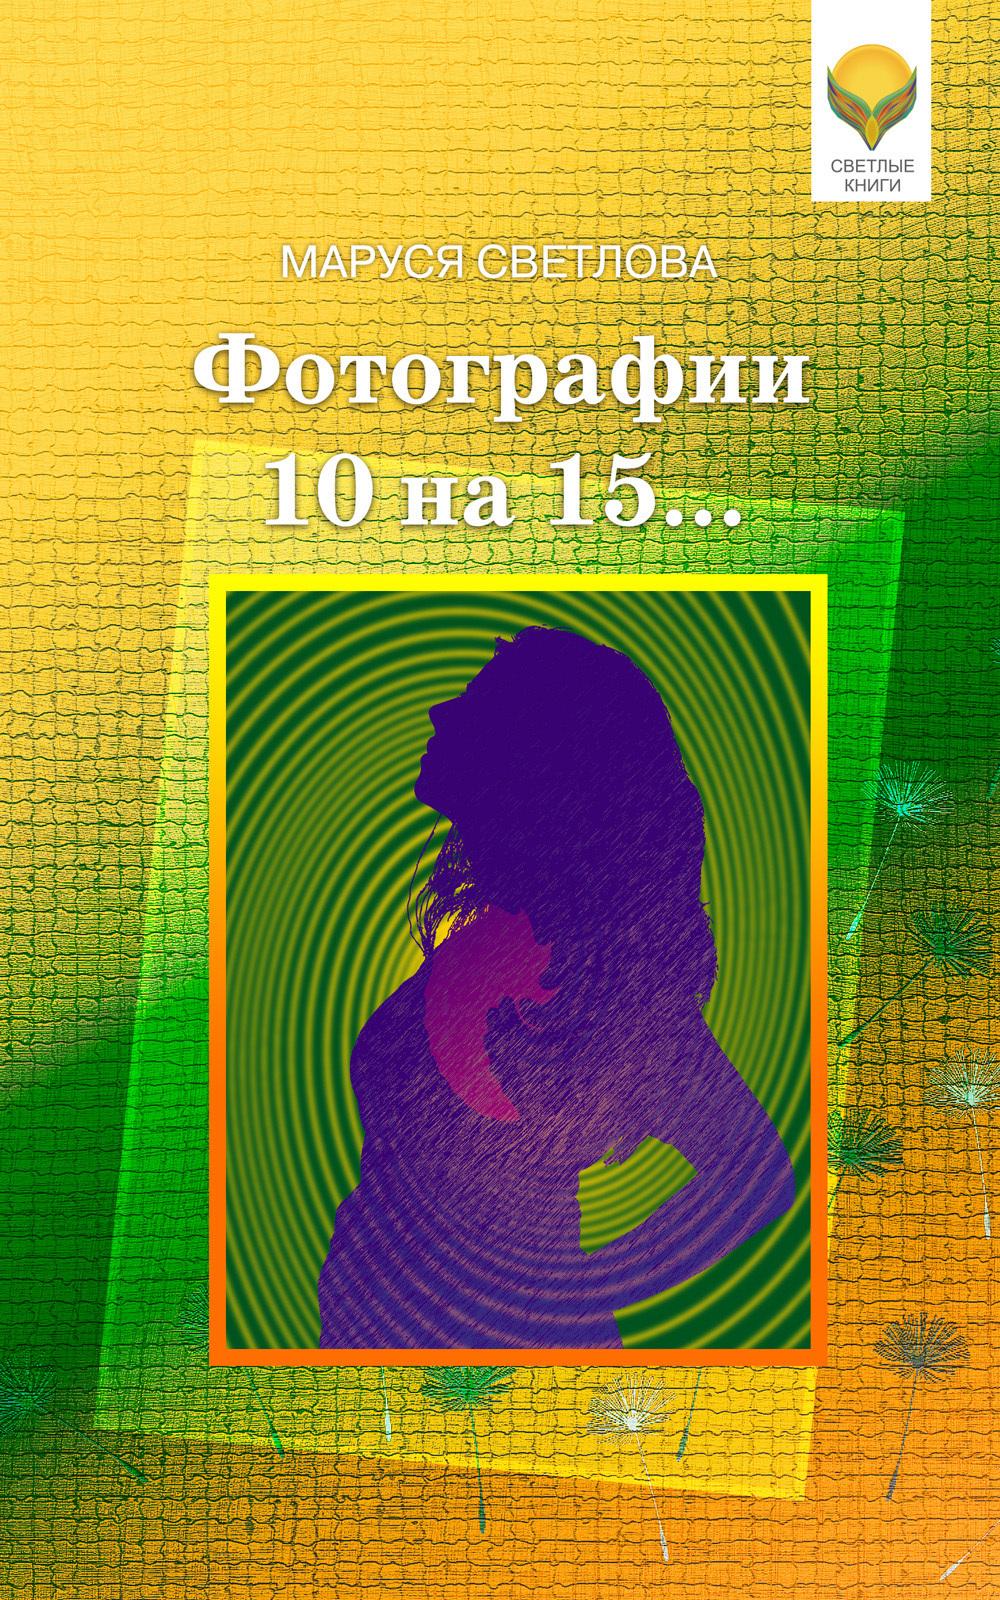 Маруся Светлова Фотографии 10 на 15… (сборник) цена